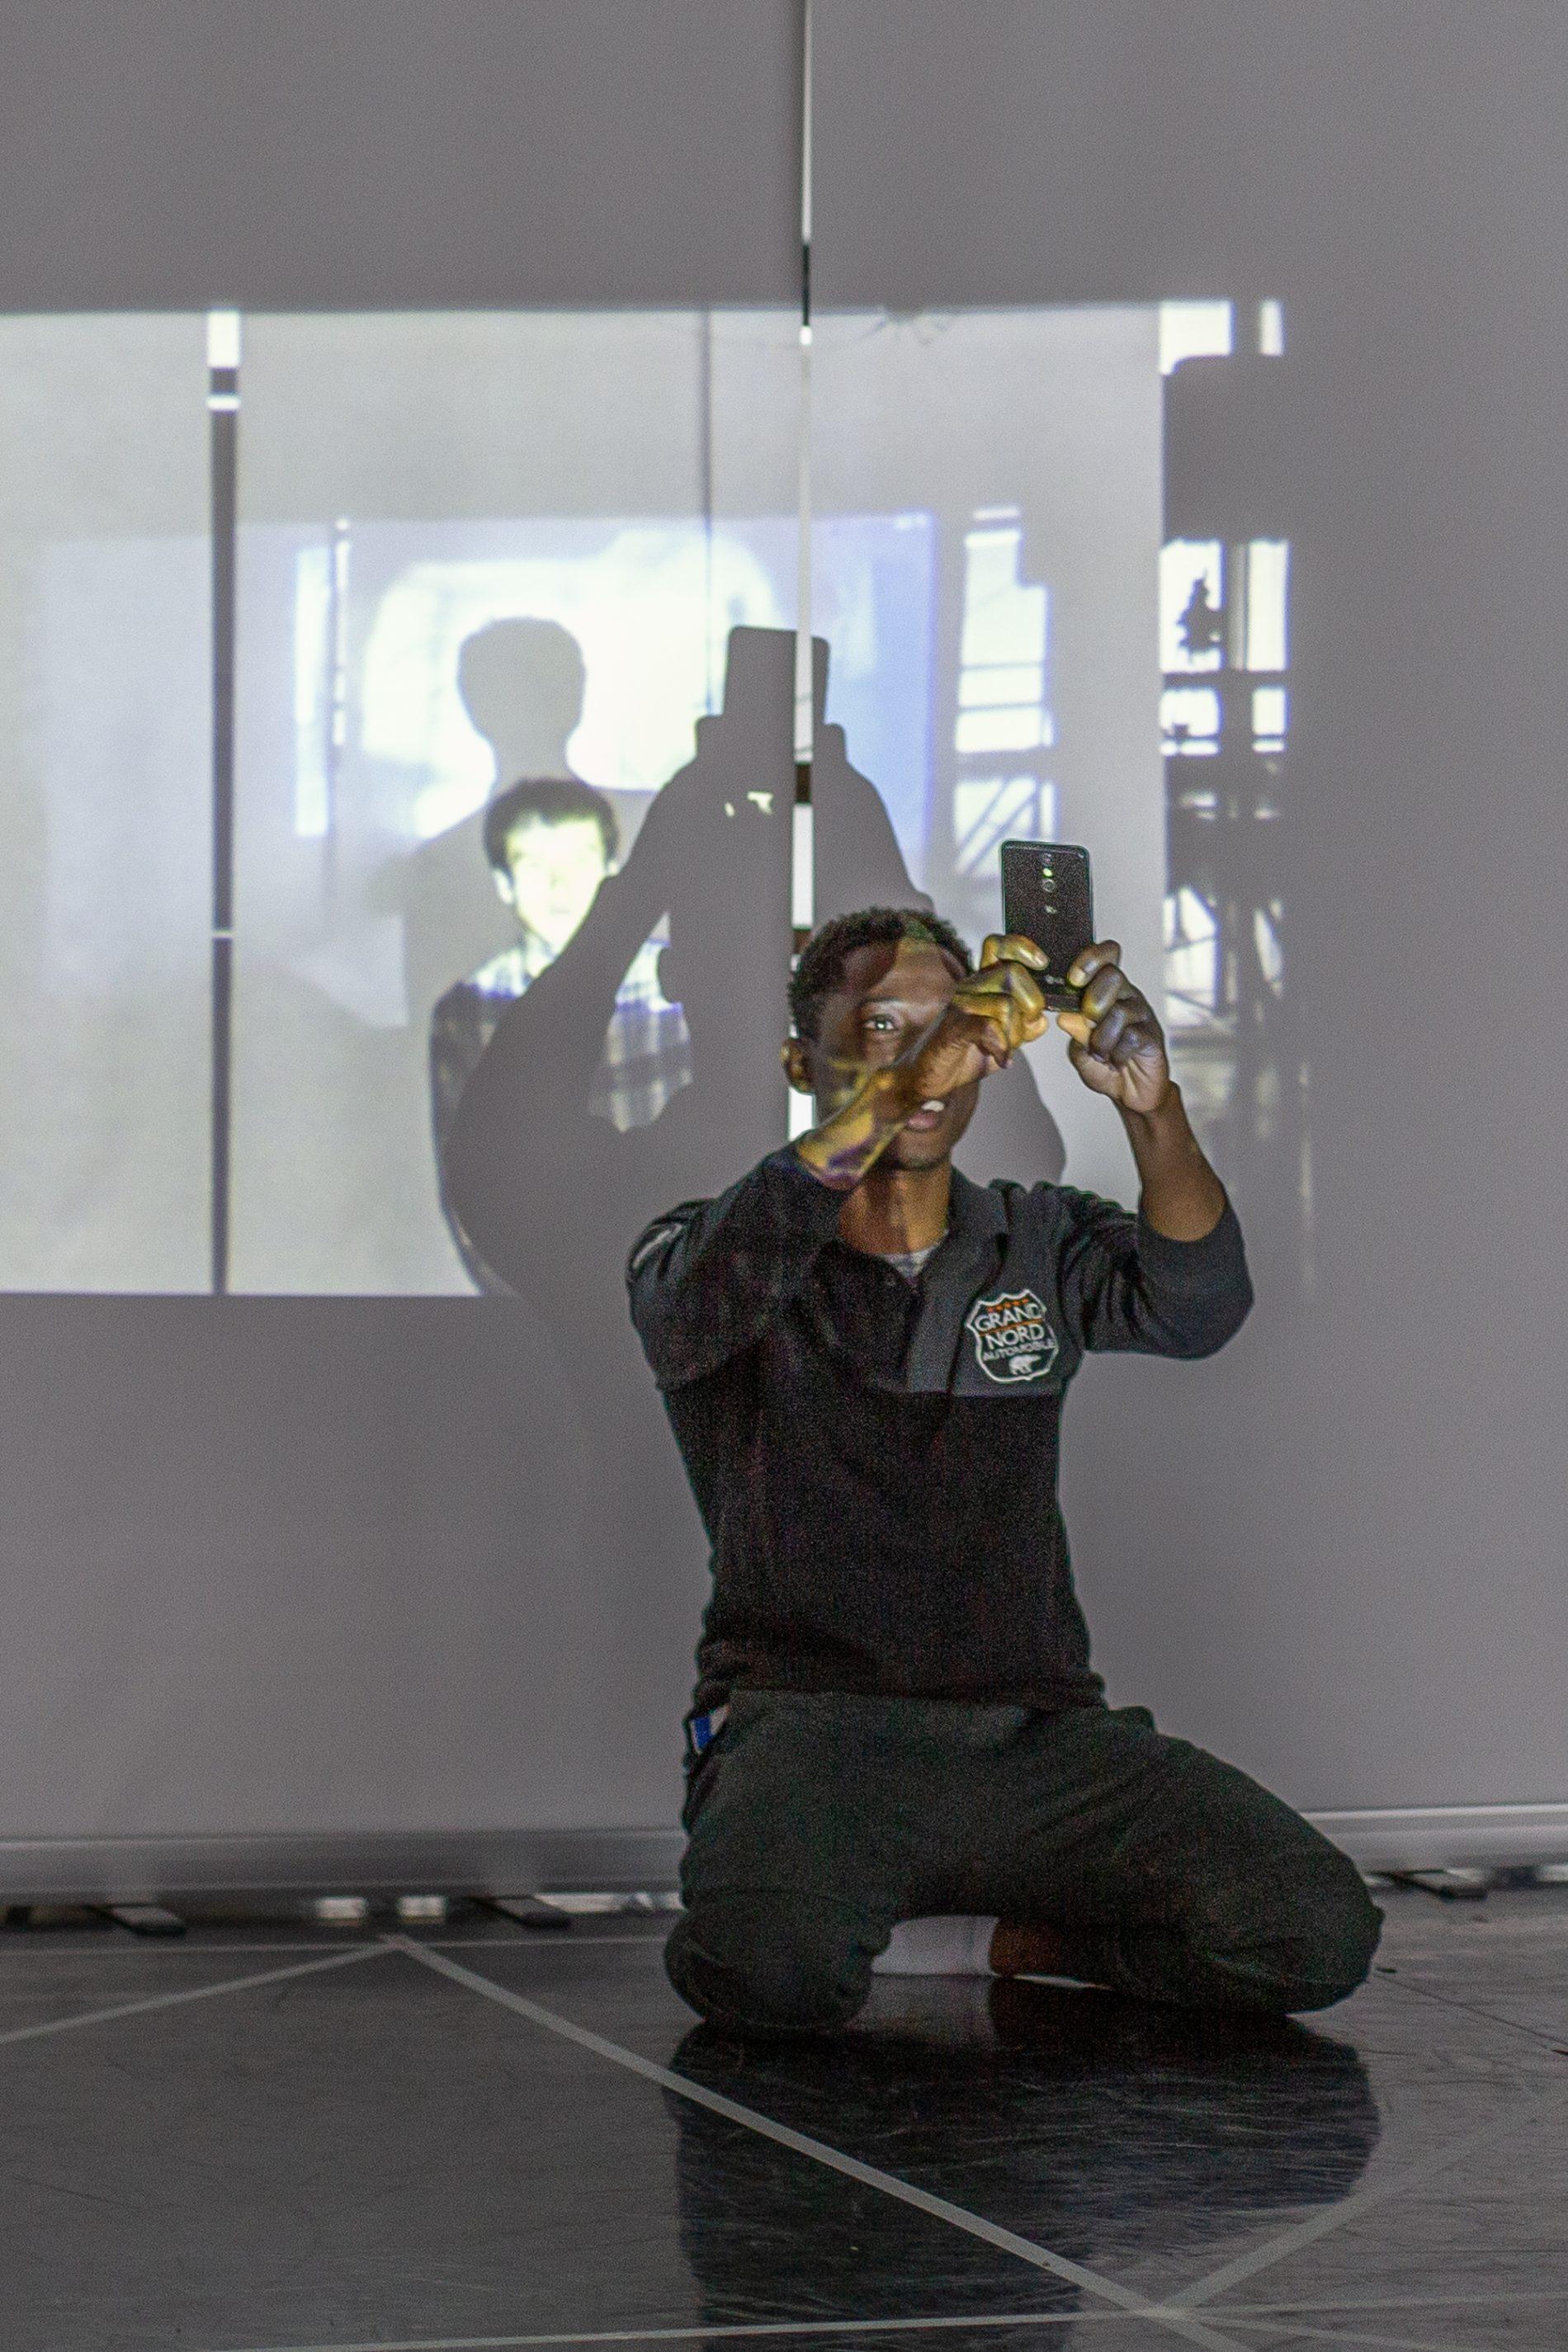 En-Lisiere-de-Nous-Atelier-Benoit-Duvette-Latitudes-Contemporaines-Alefpa-mai-2019-3